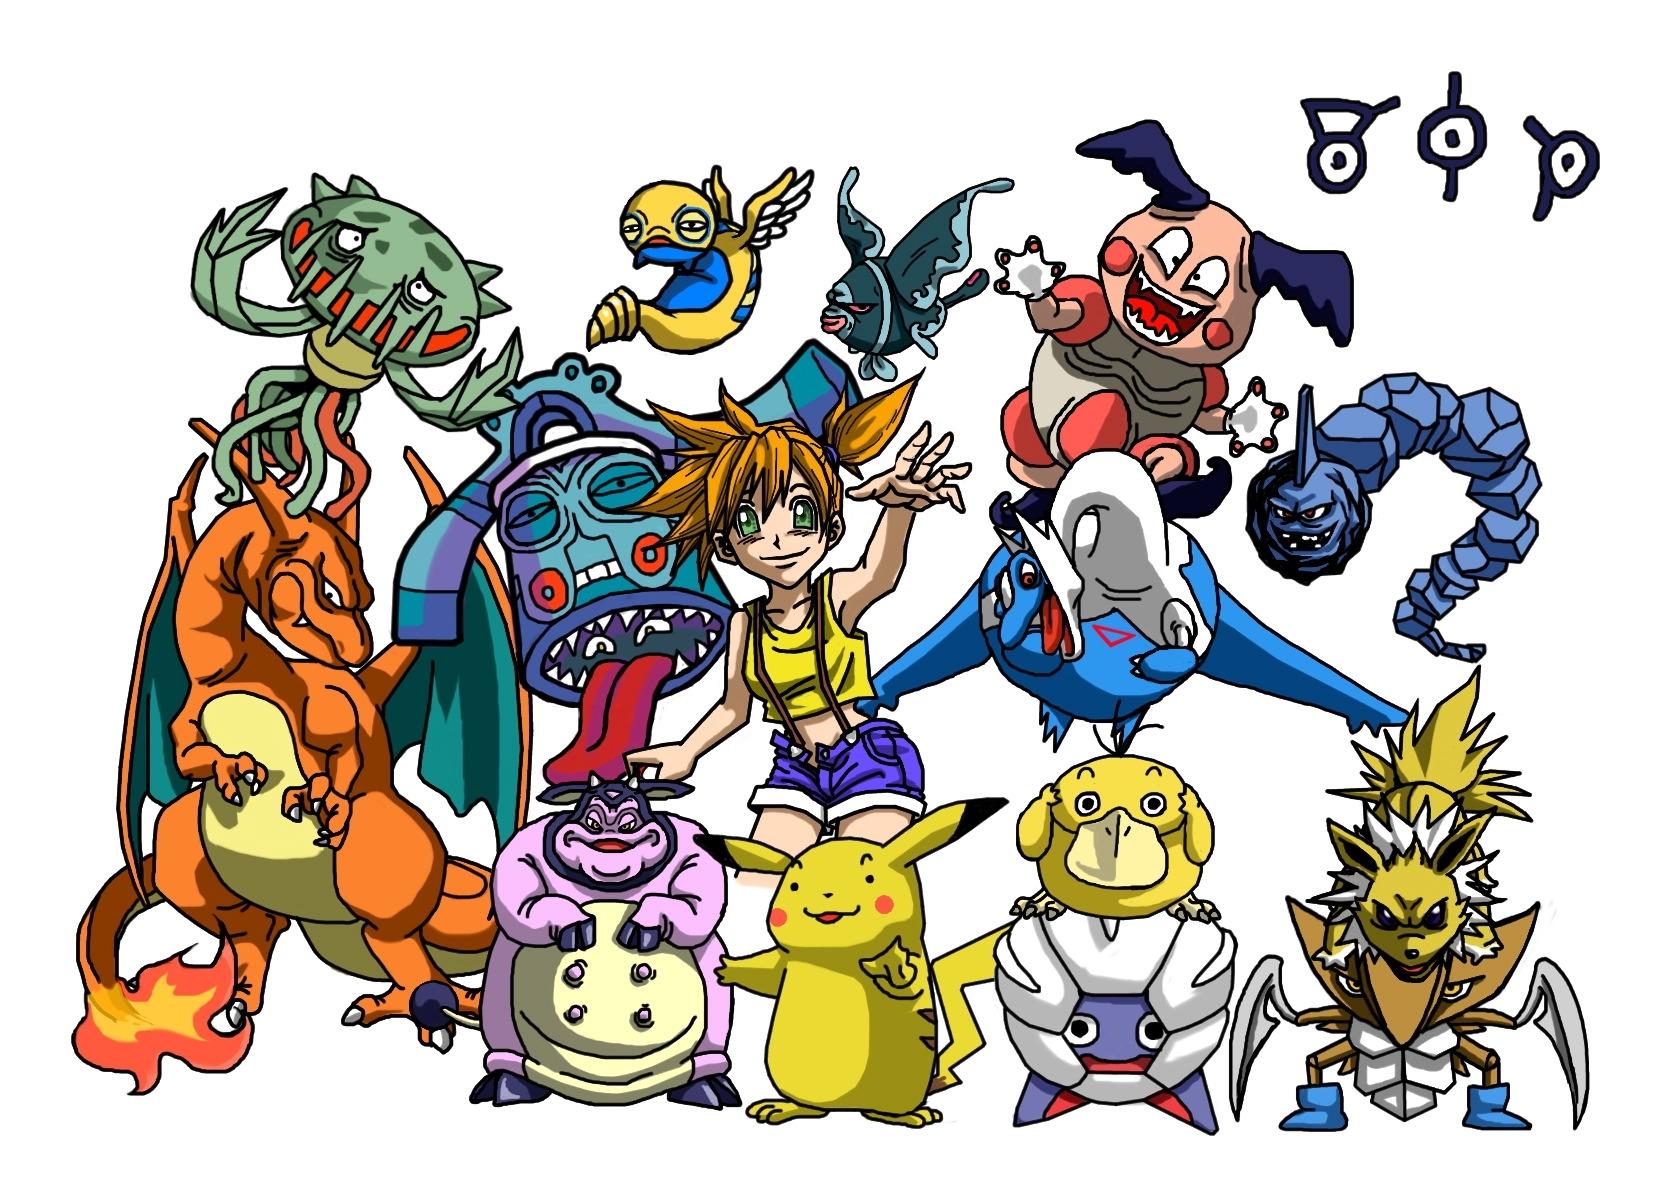 ドラクエのモンスターとポケモン、どっちが強いの?|ぽけみん